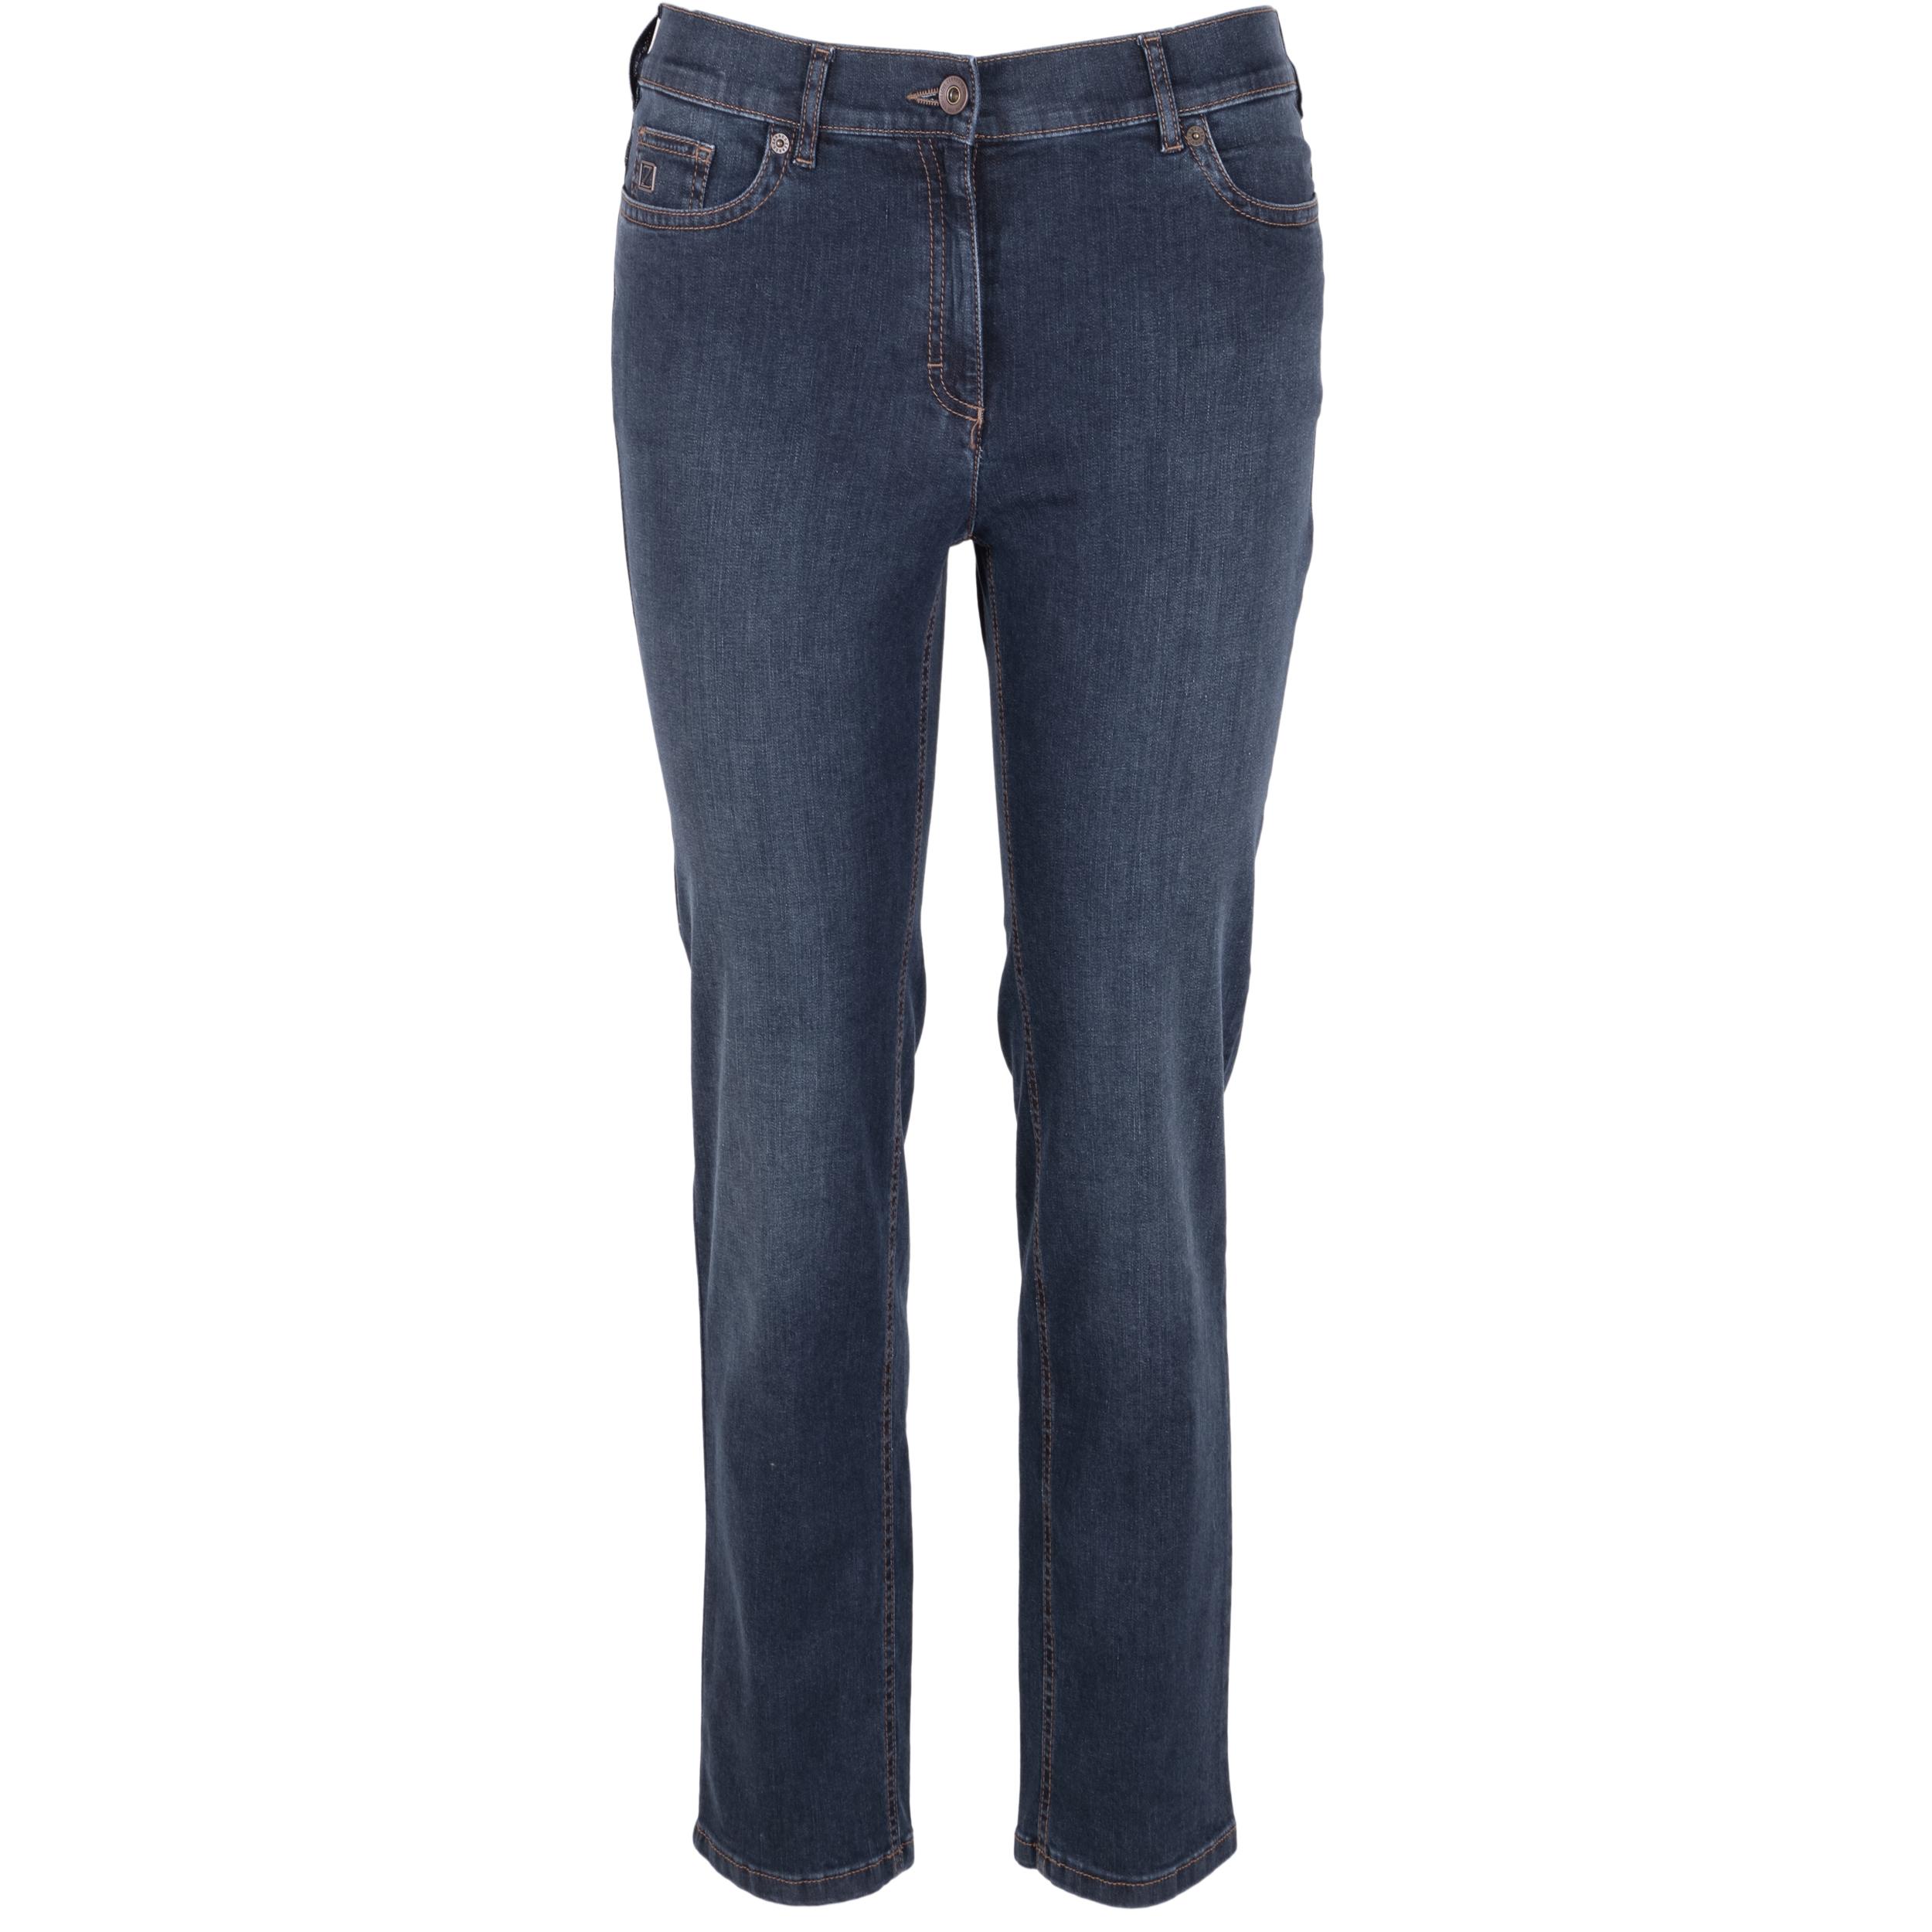 Zerres Damen Jeans Greta elastischer Bund - dunkelblau 21